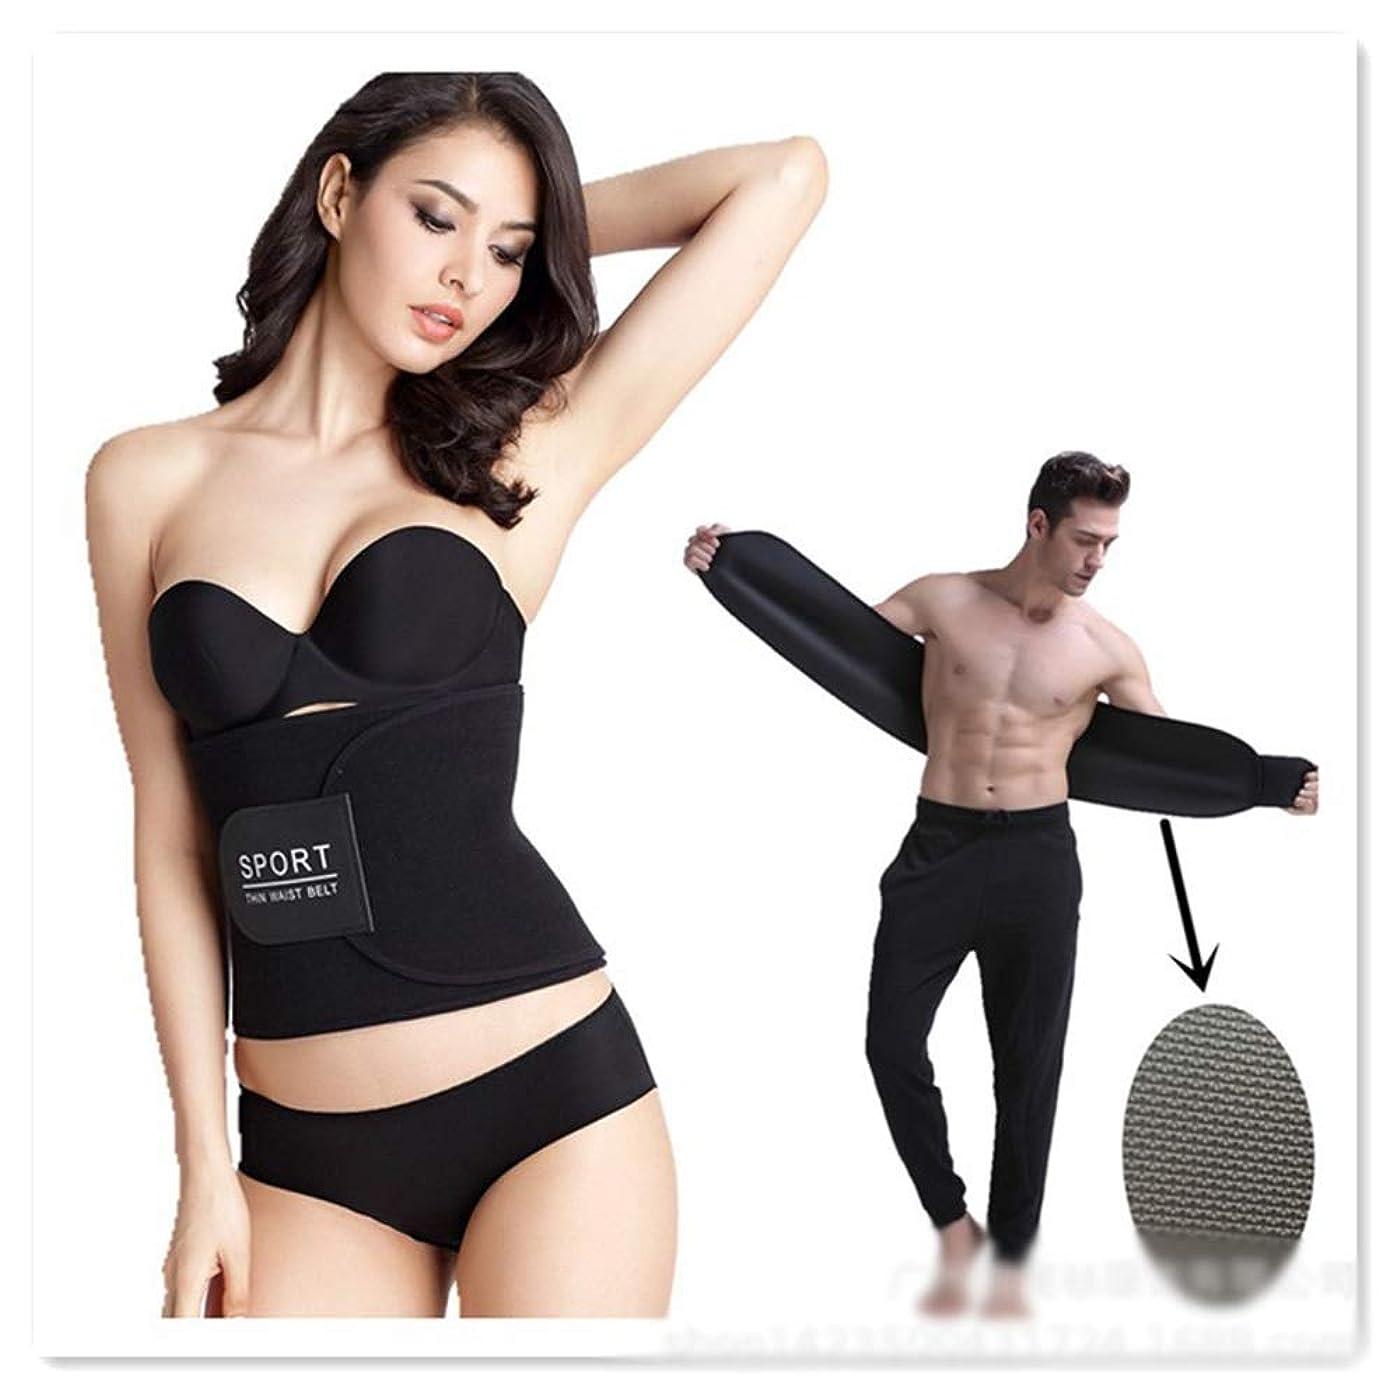 ダウンドメイン特別にスポーツおよびフィットネスベルトベルト ネオプレンは、熱とバーンズ脂肪を生成し、スリミング効果を達成、脂肪と退院毒素を削除します